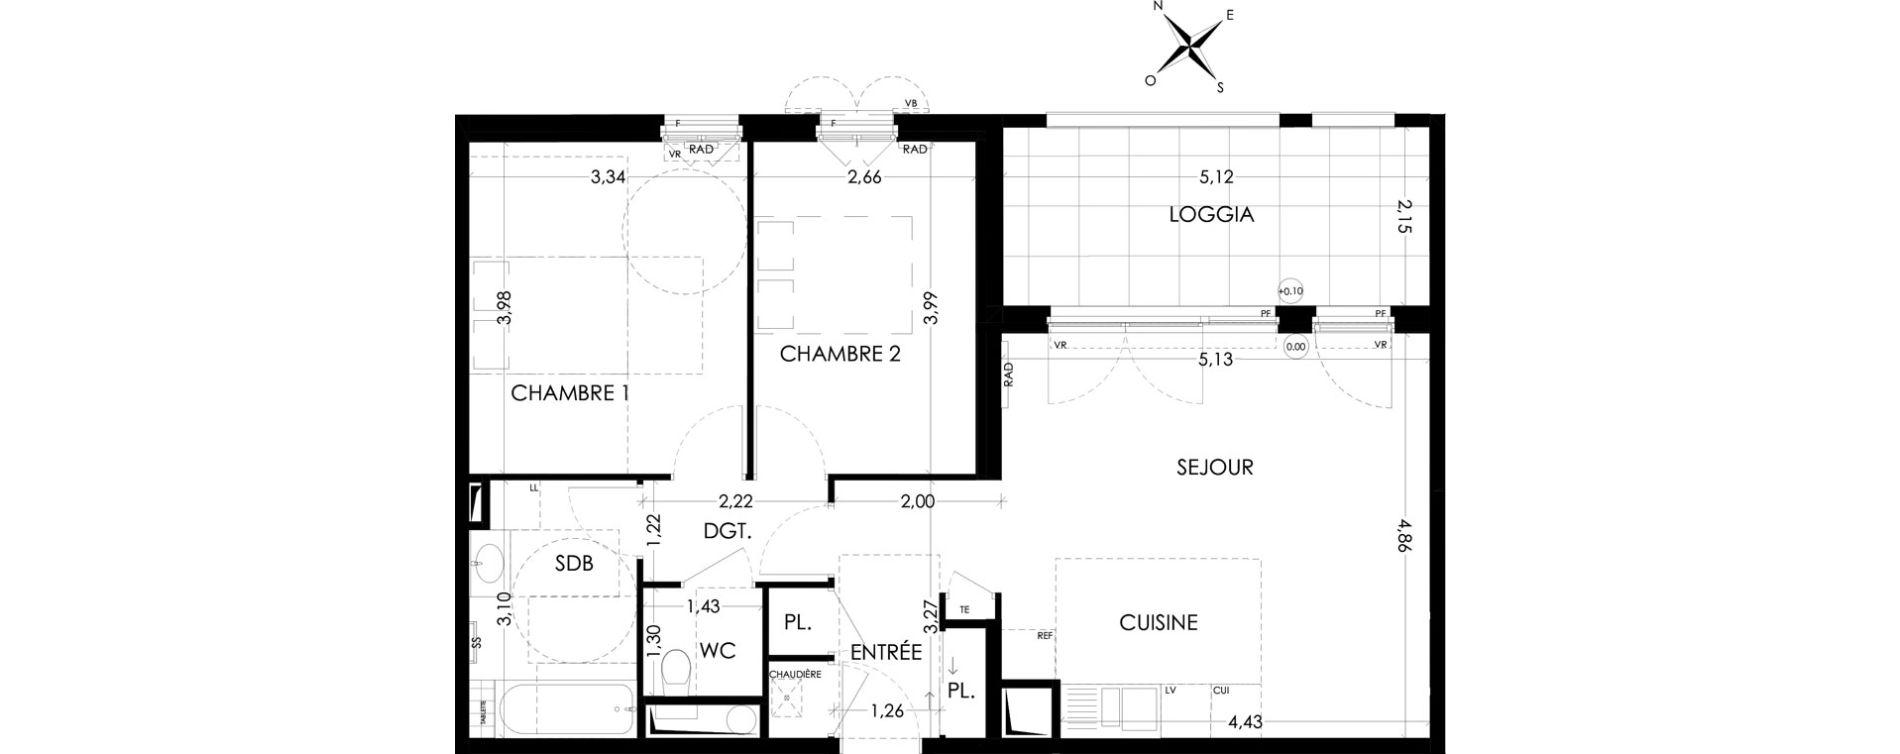 Appartement T3 de 65.83m2 2ème étage NE Harmonie Aix-en